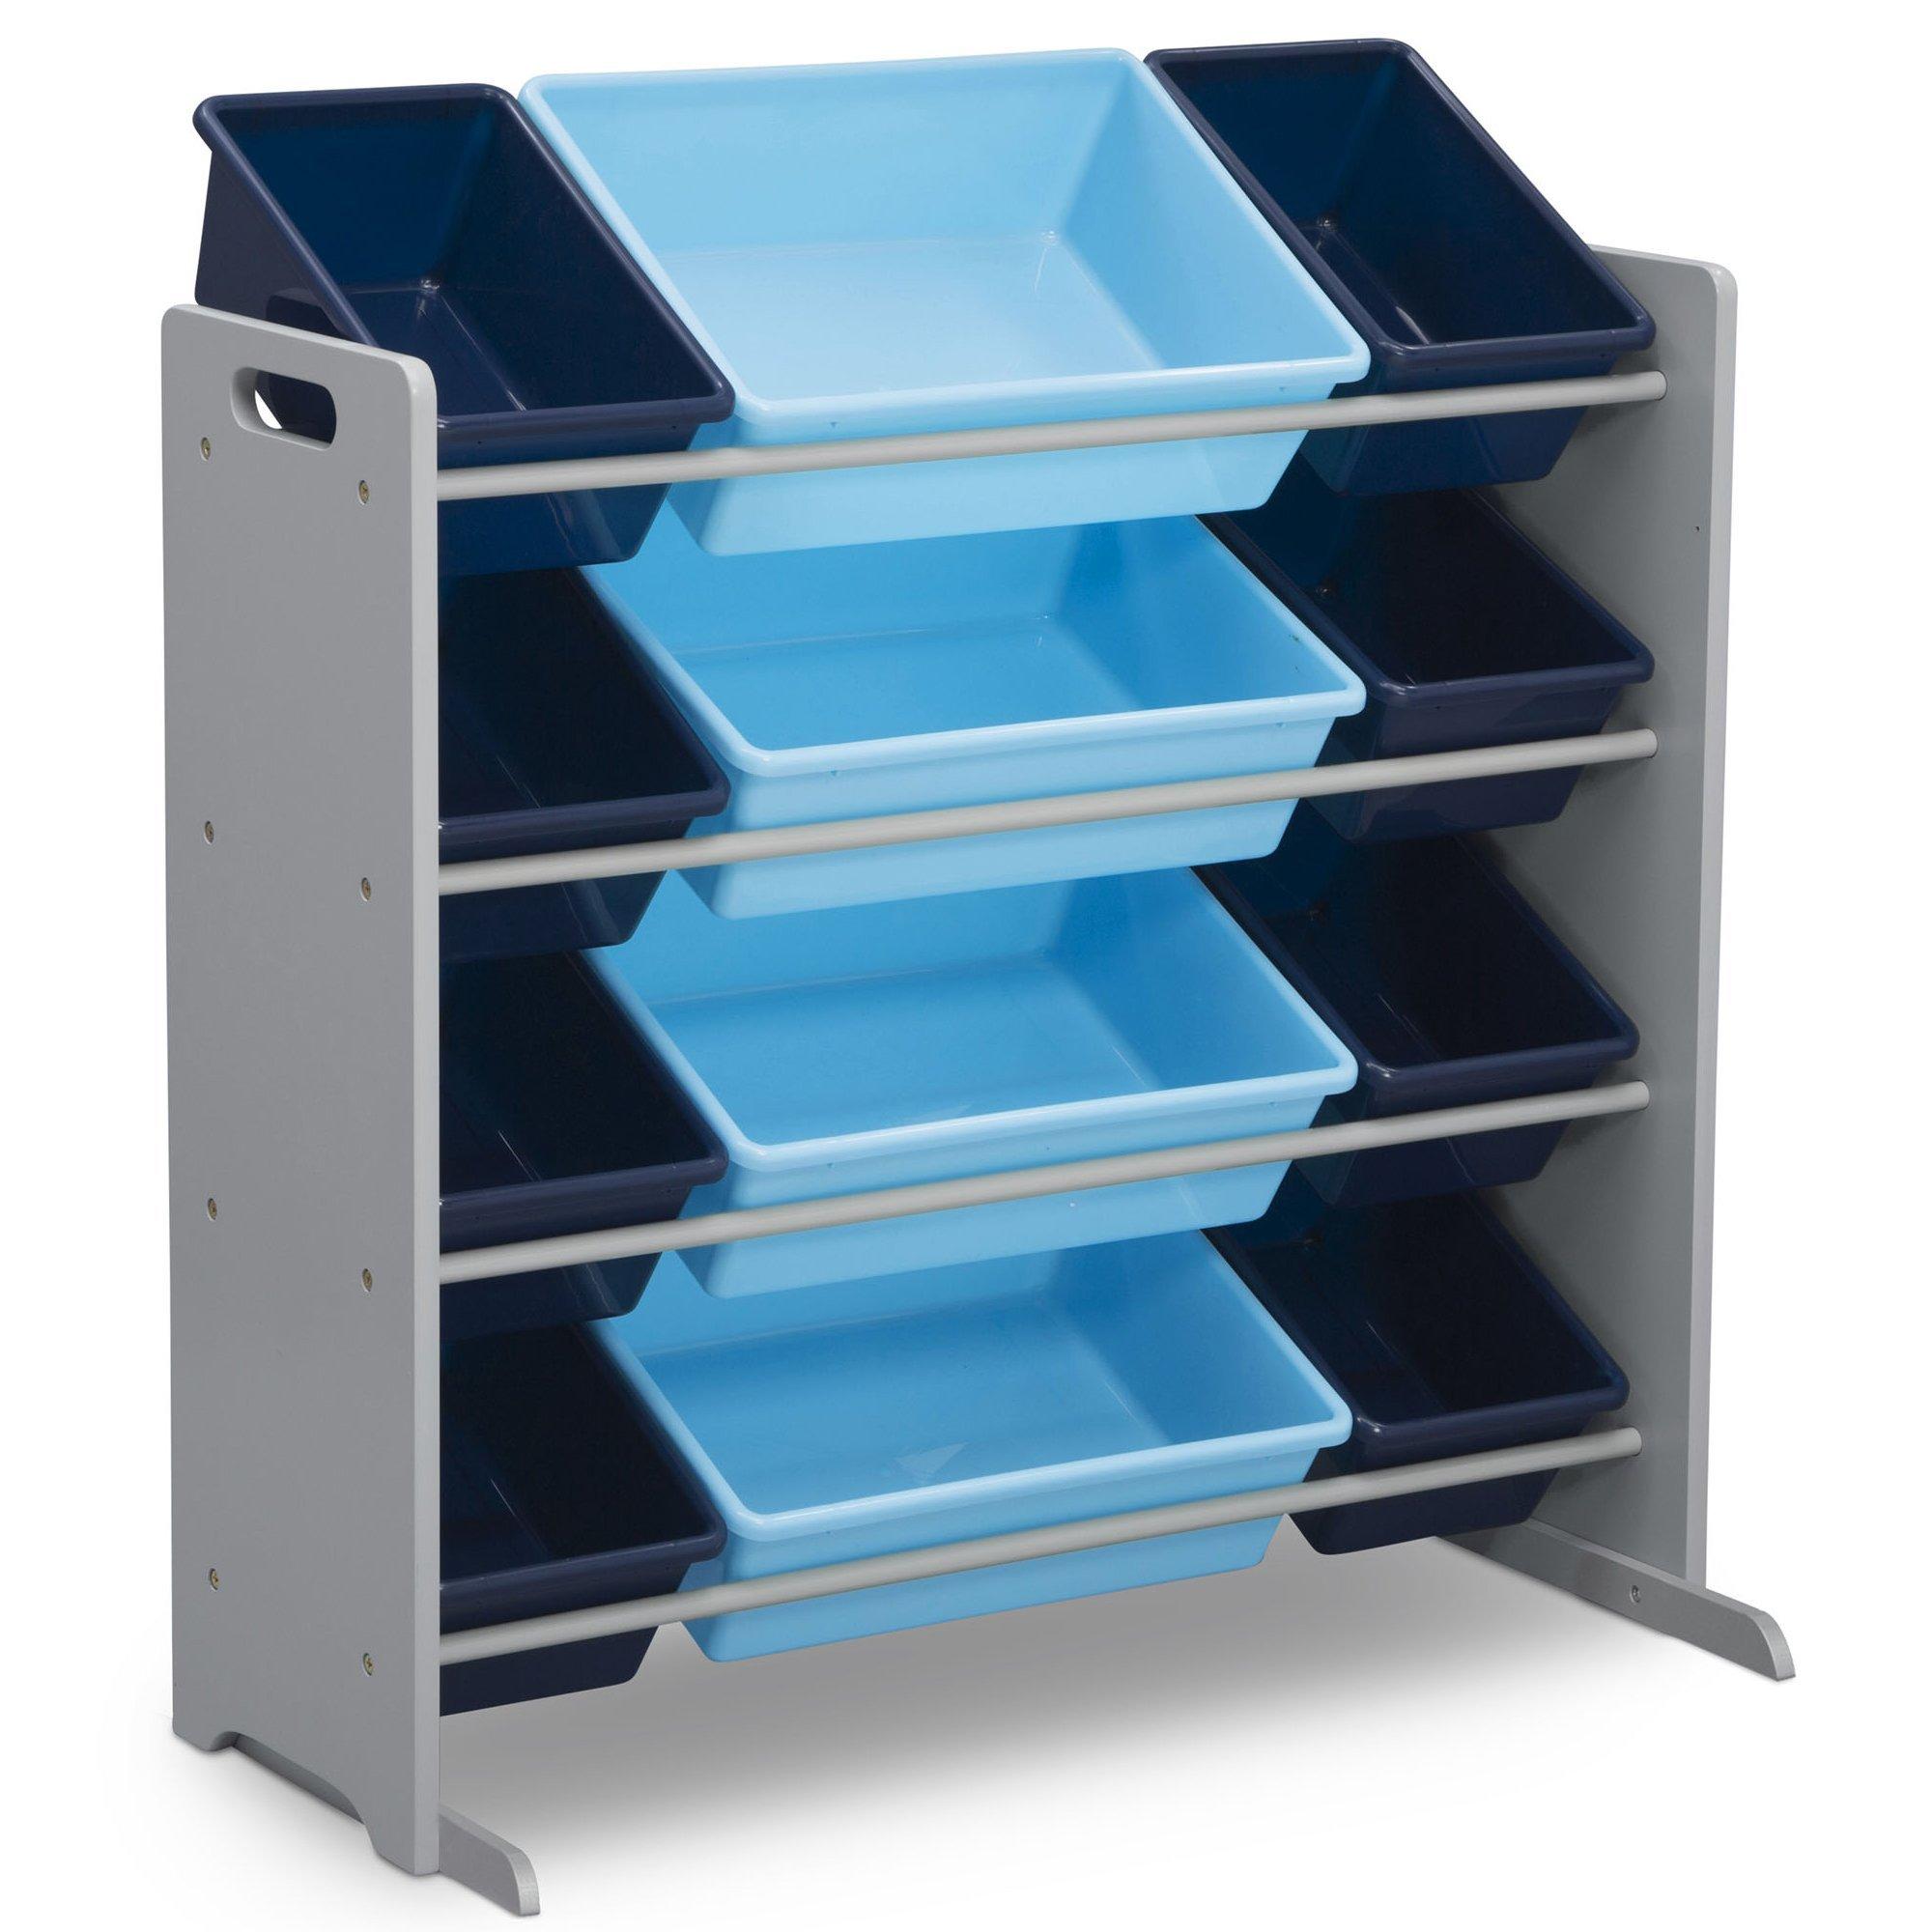 Delta Children Kids Toy Storage Organizer with 12 Plastic Bins, Grey/Blue, Grey/Blue by Delta Children